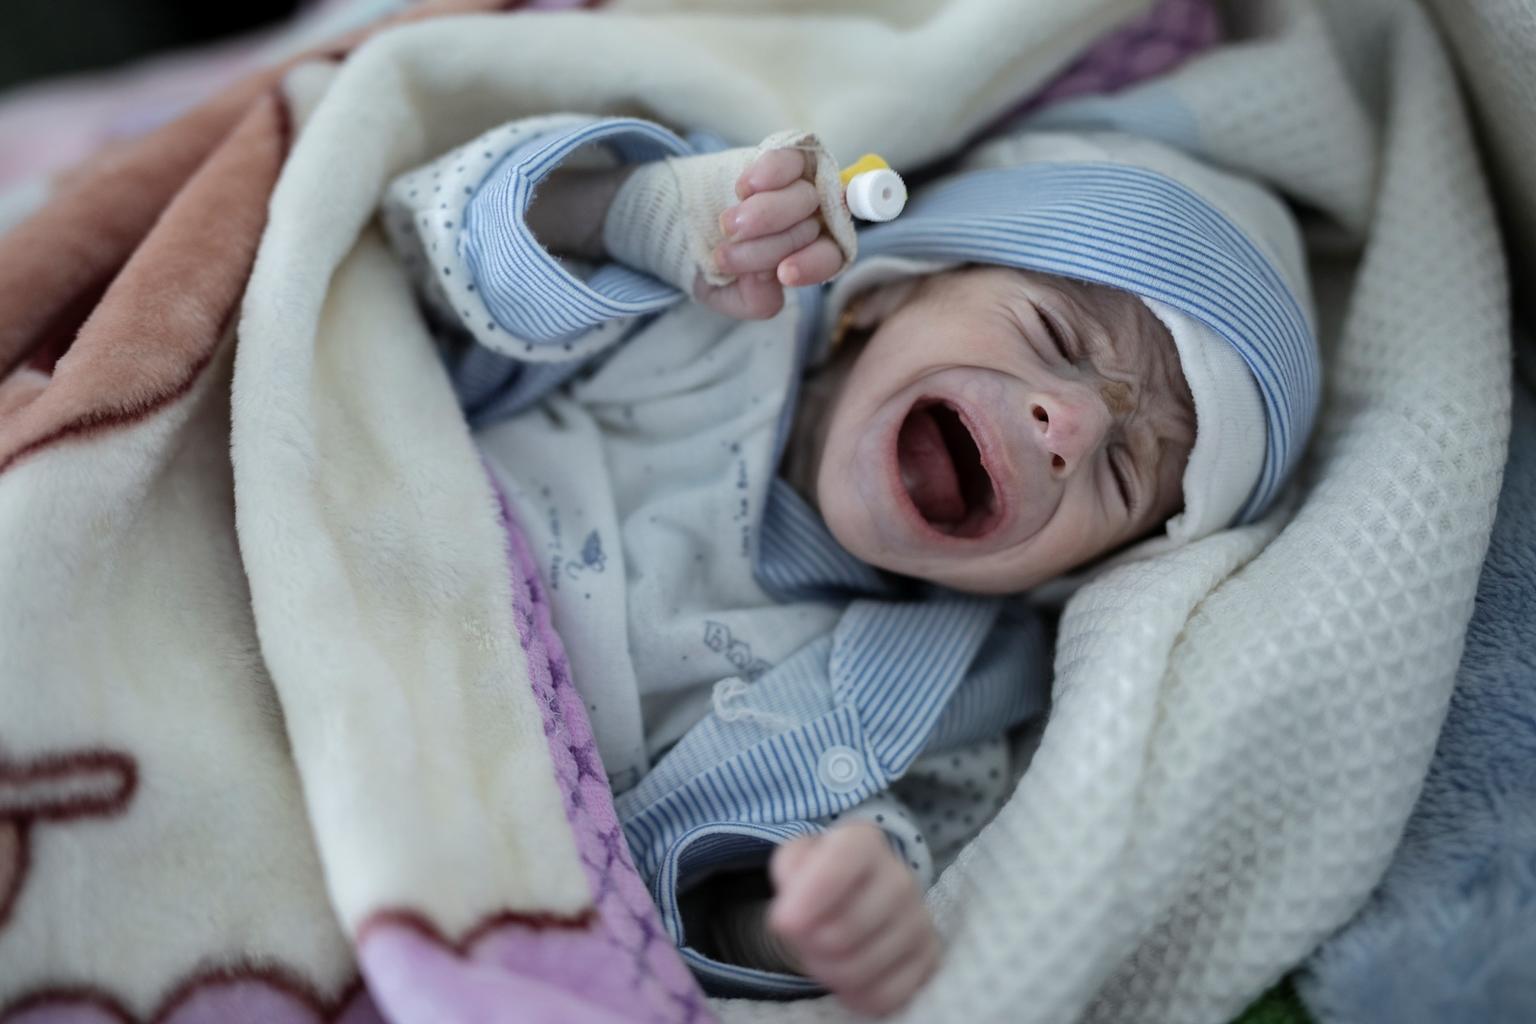 Bild zu Jemen, Mangelernährung, Neugeborenes